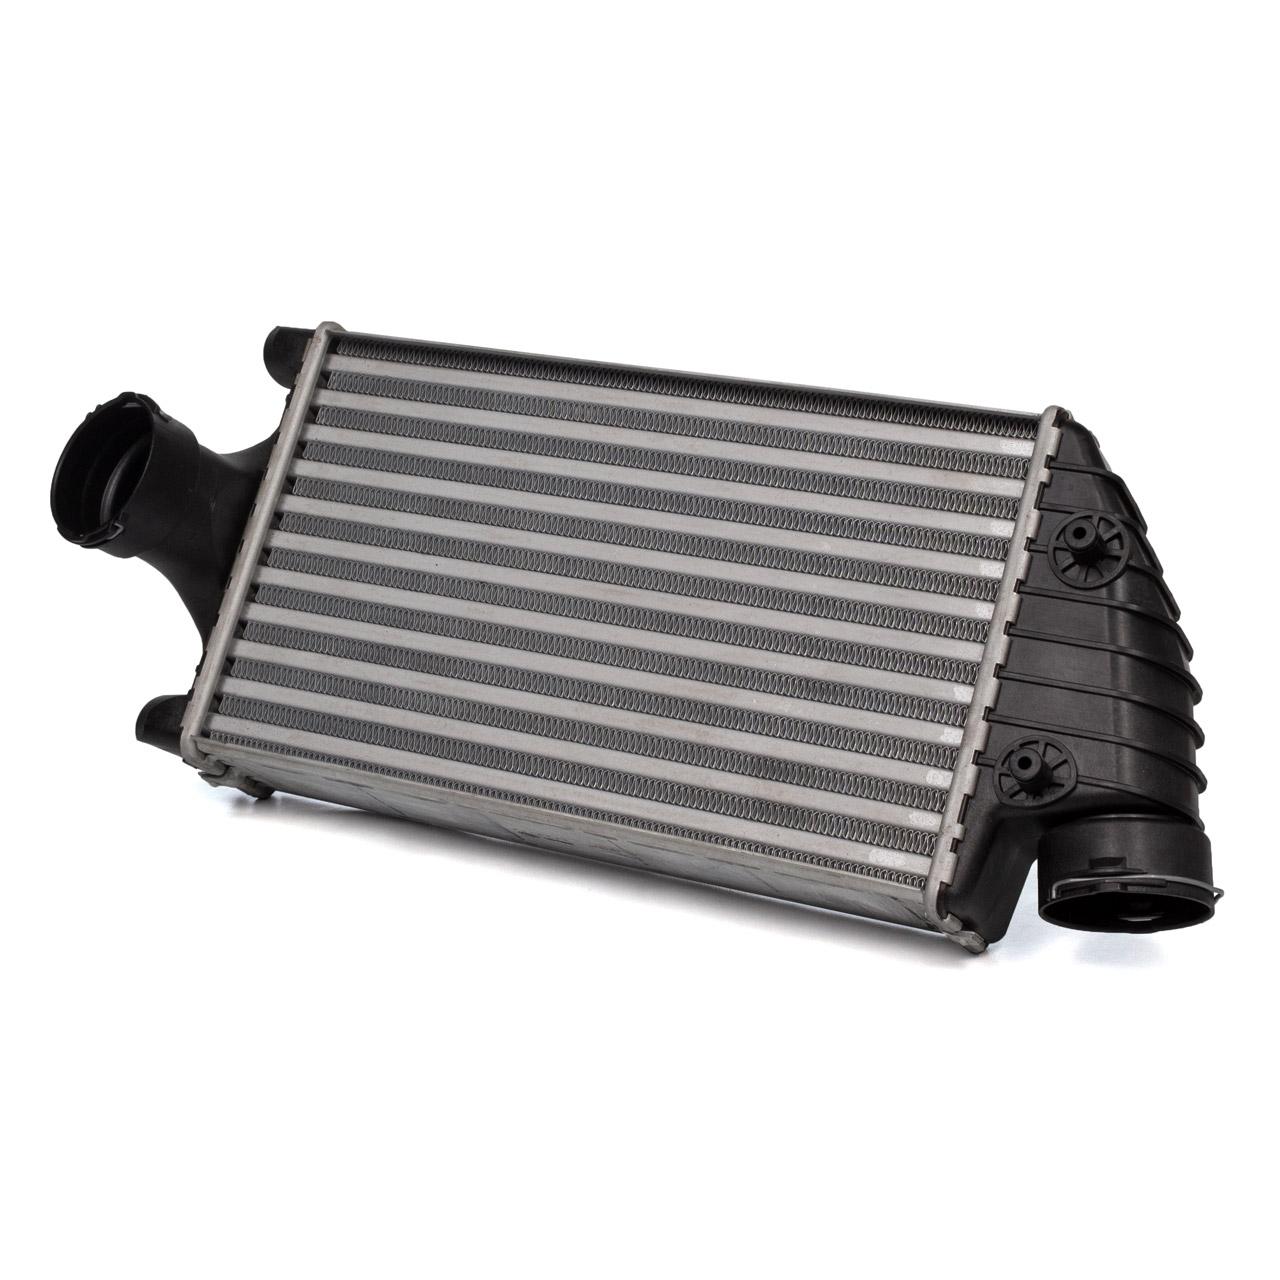 MAHLE Ladeluftkühler PORSCHE 996 3.6 Turbo 4 /4S links 99611063971